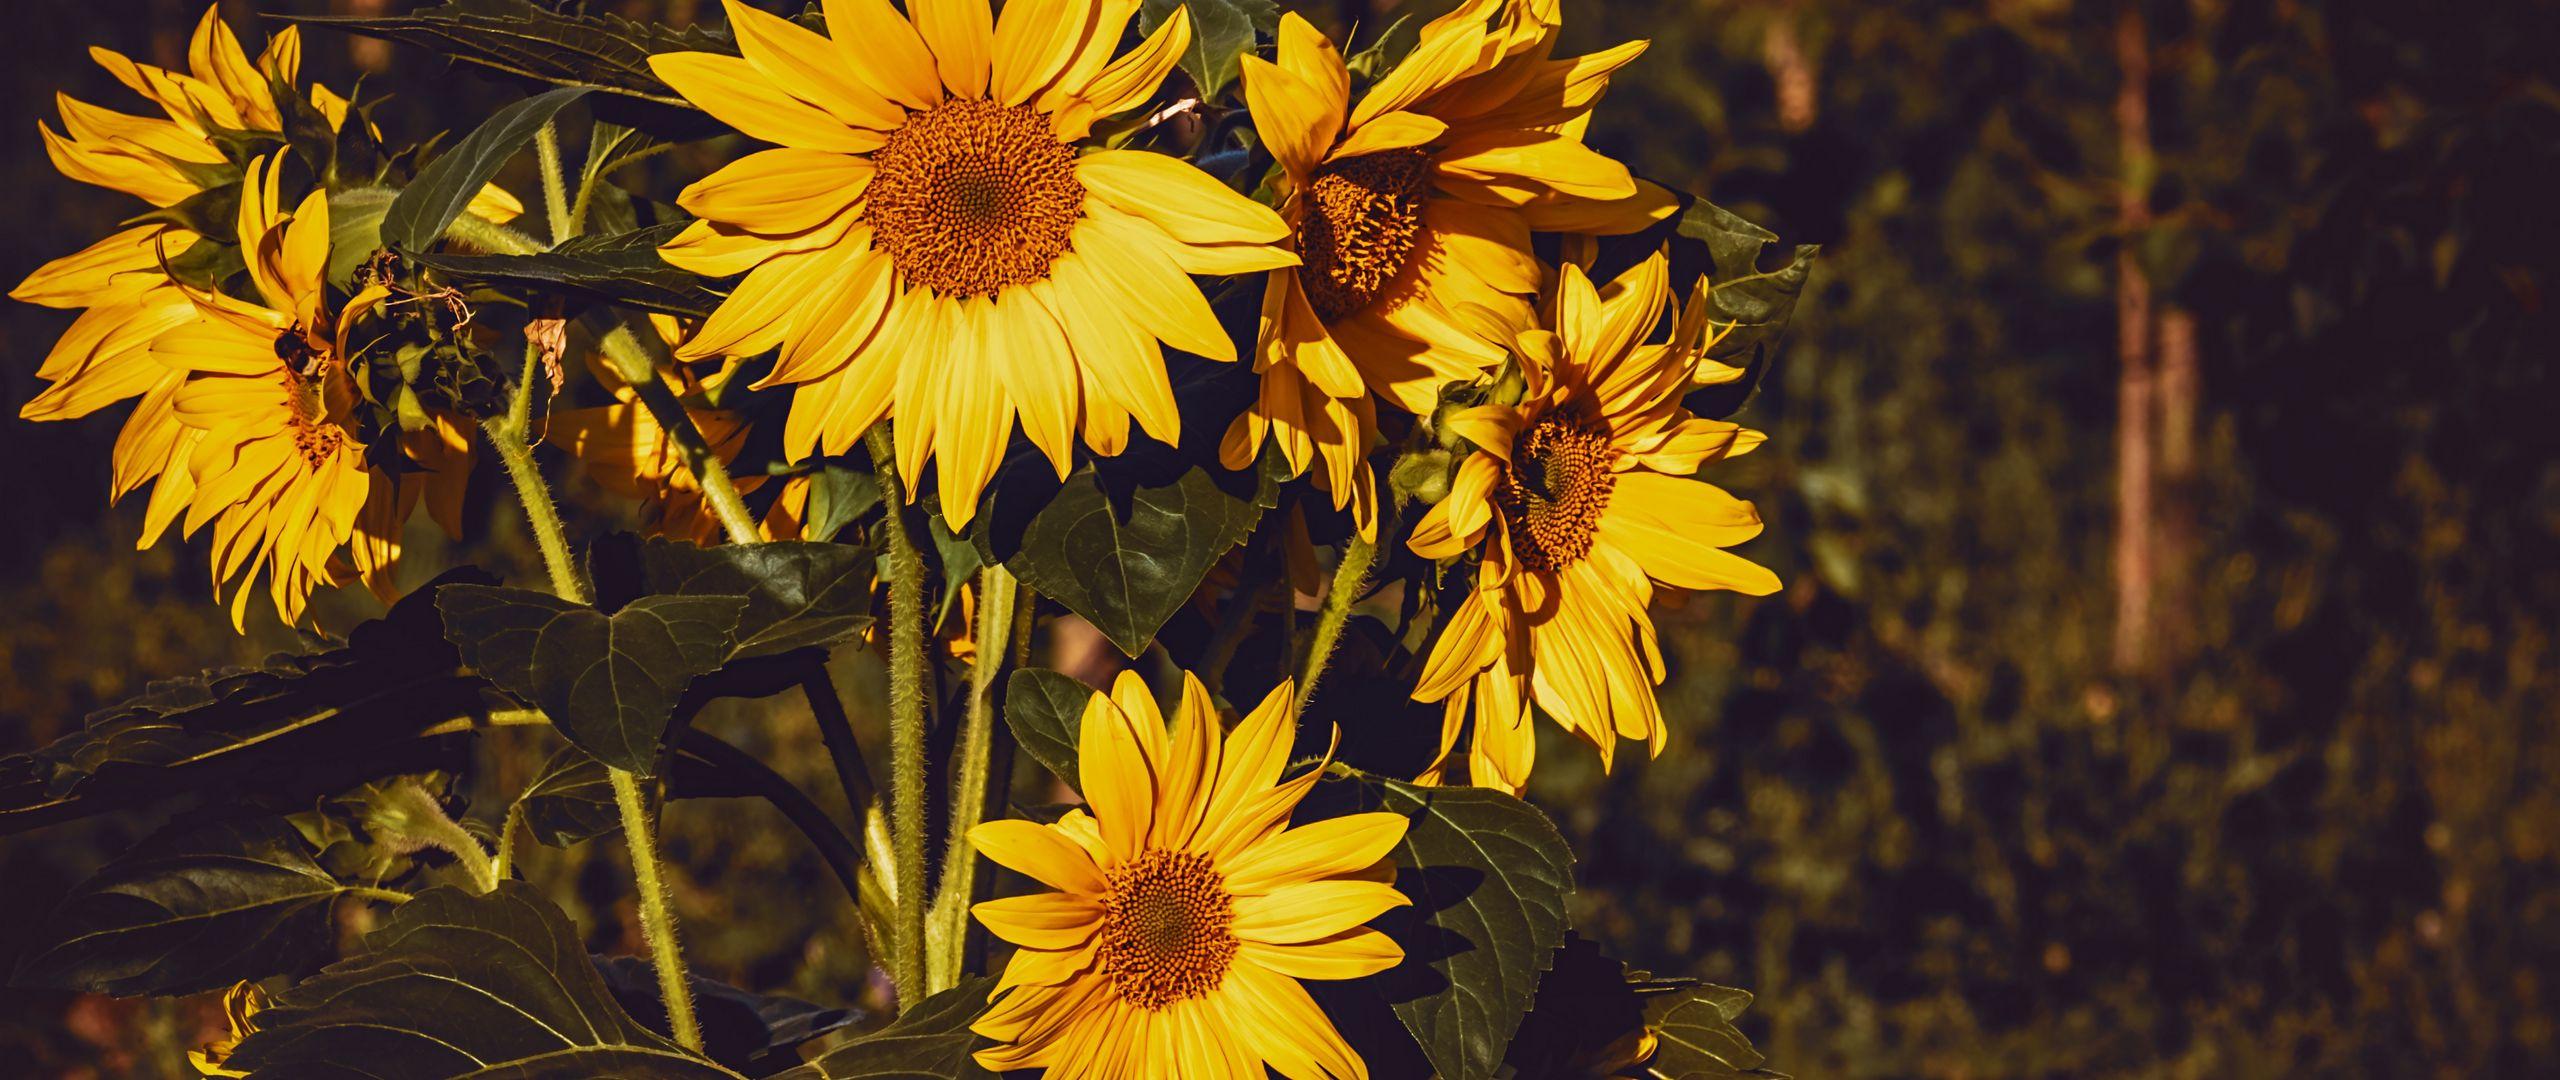 2560x1080 Wallpaper sunflower, flowers, summer, yellow